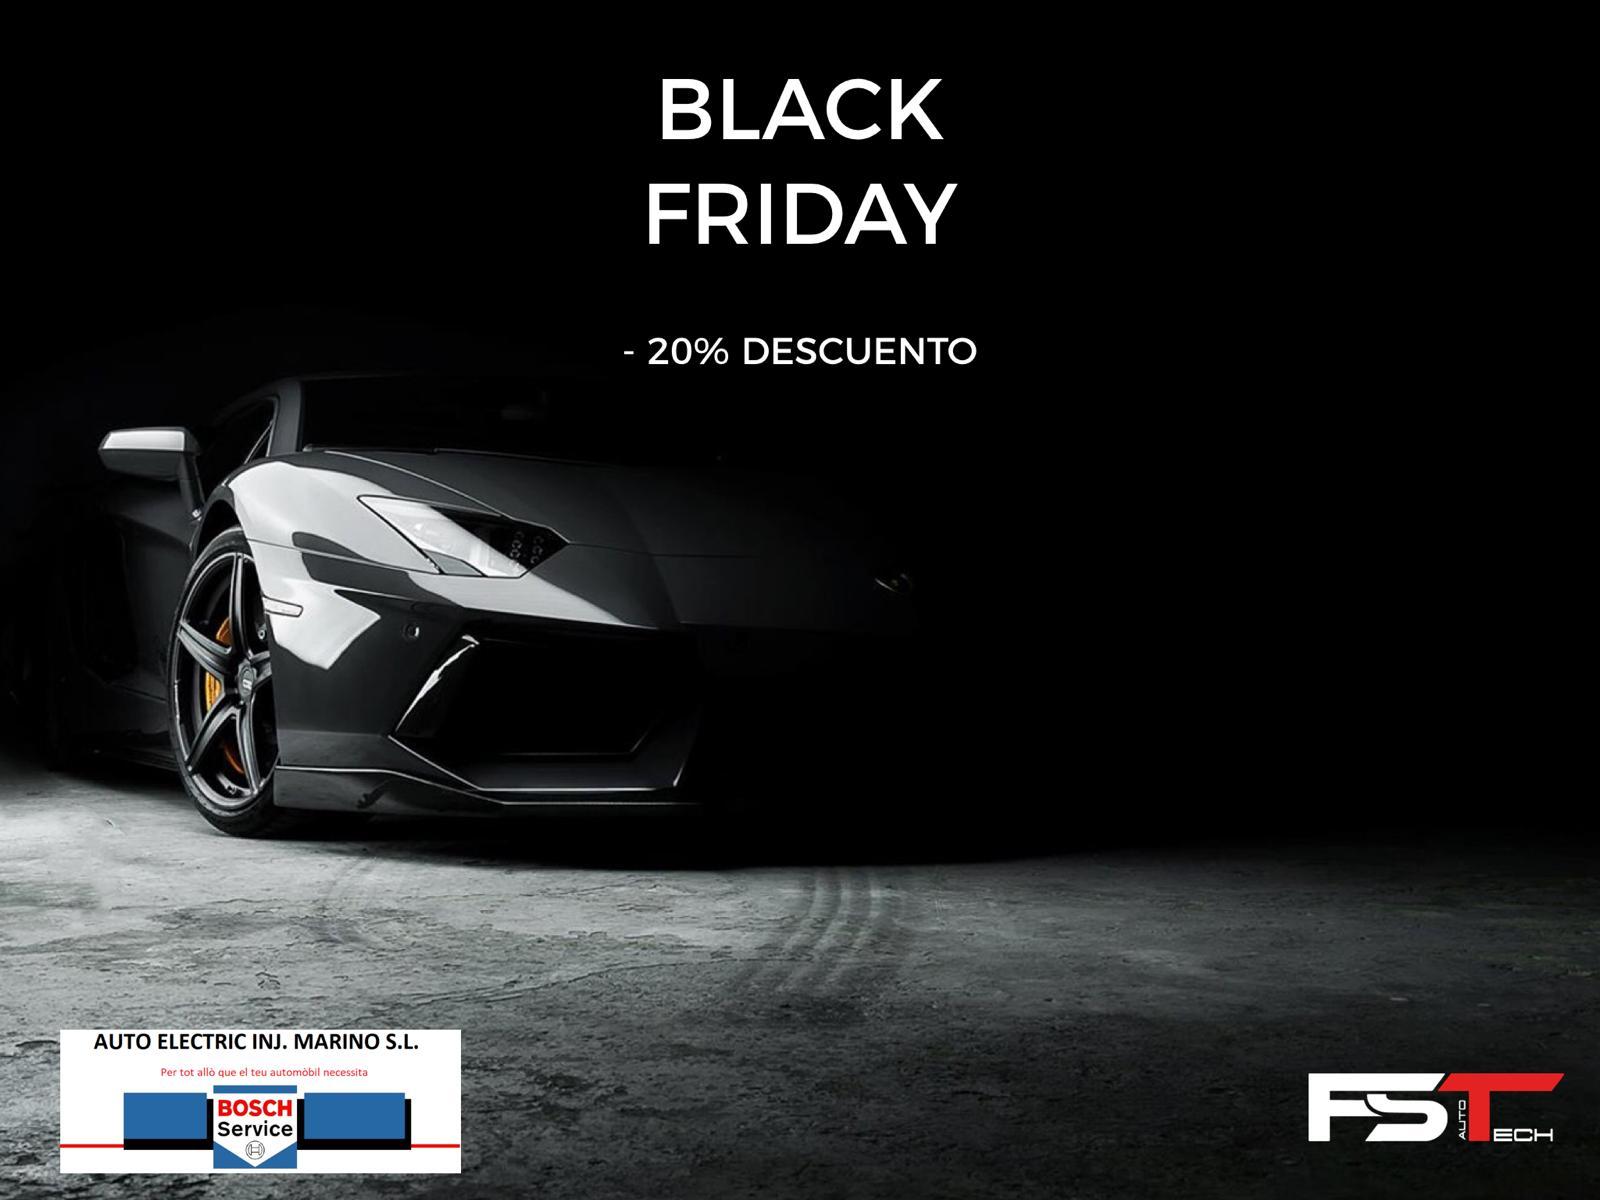 Descuento Black Friday